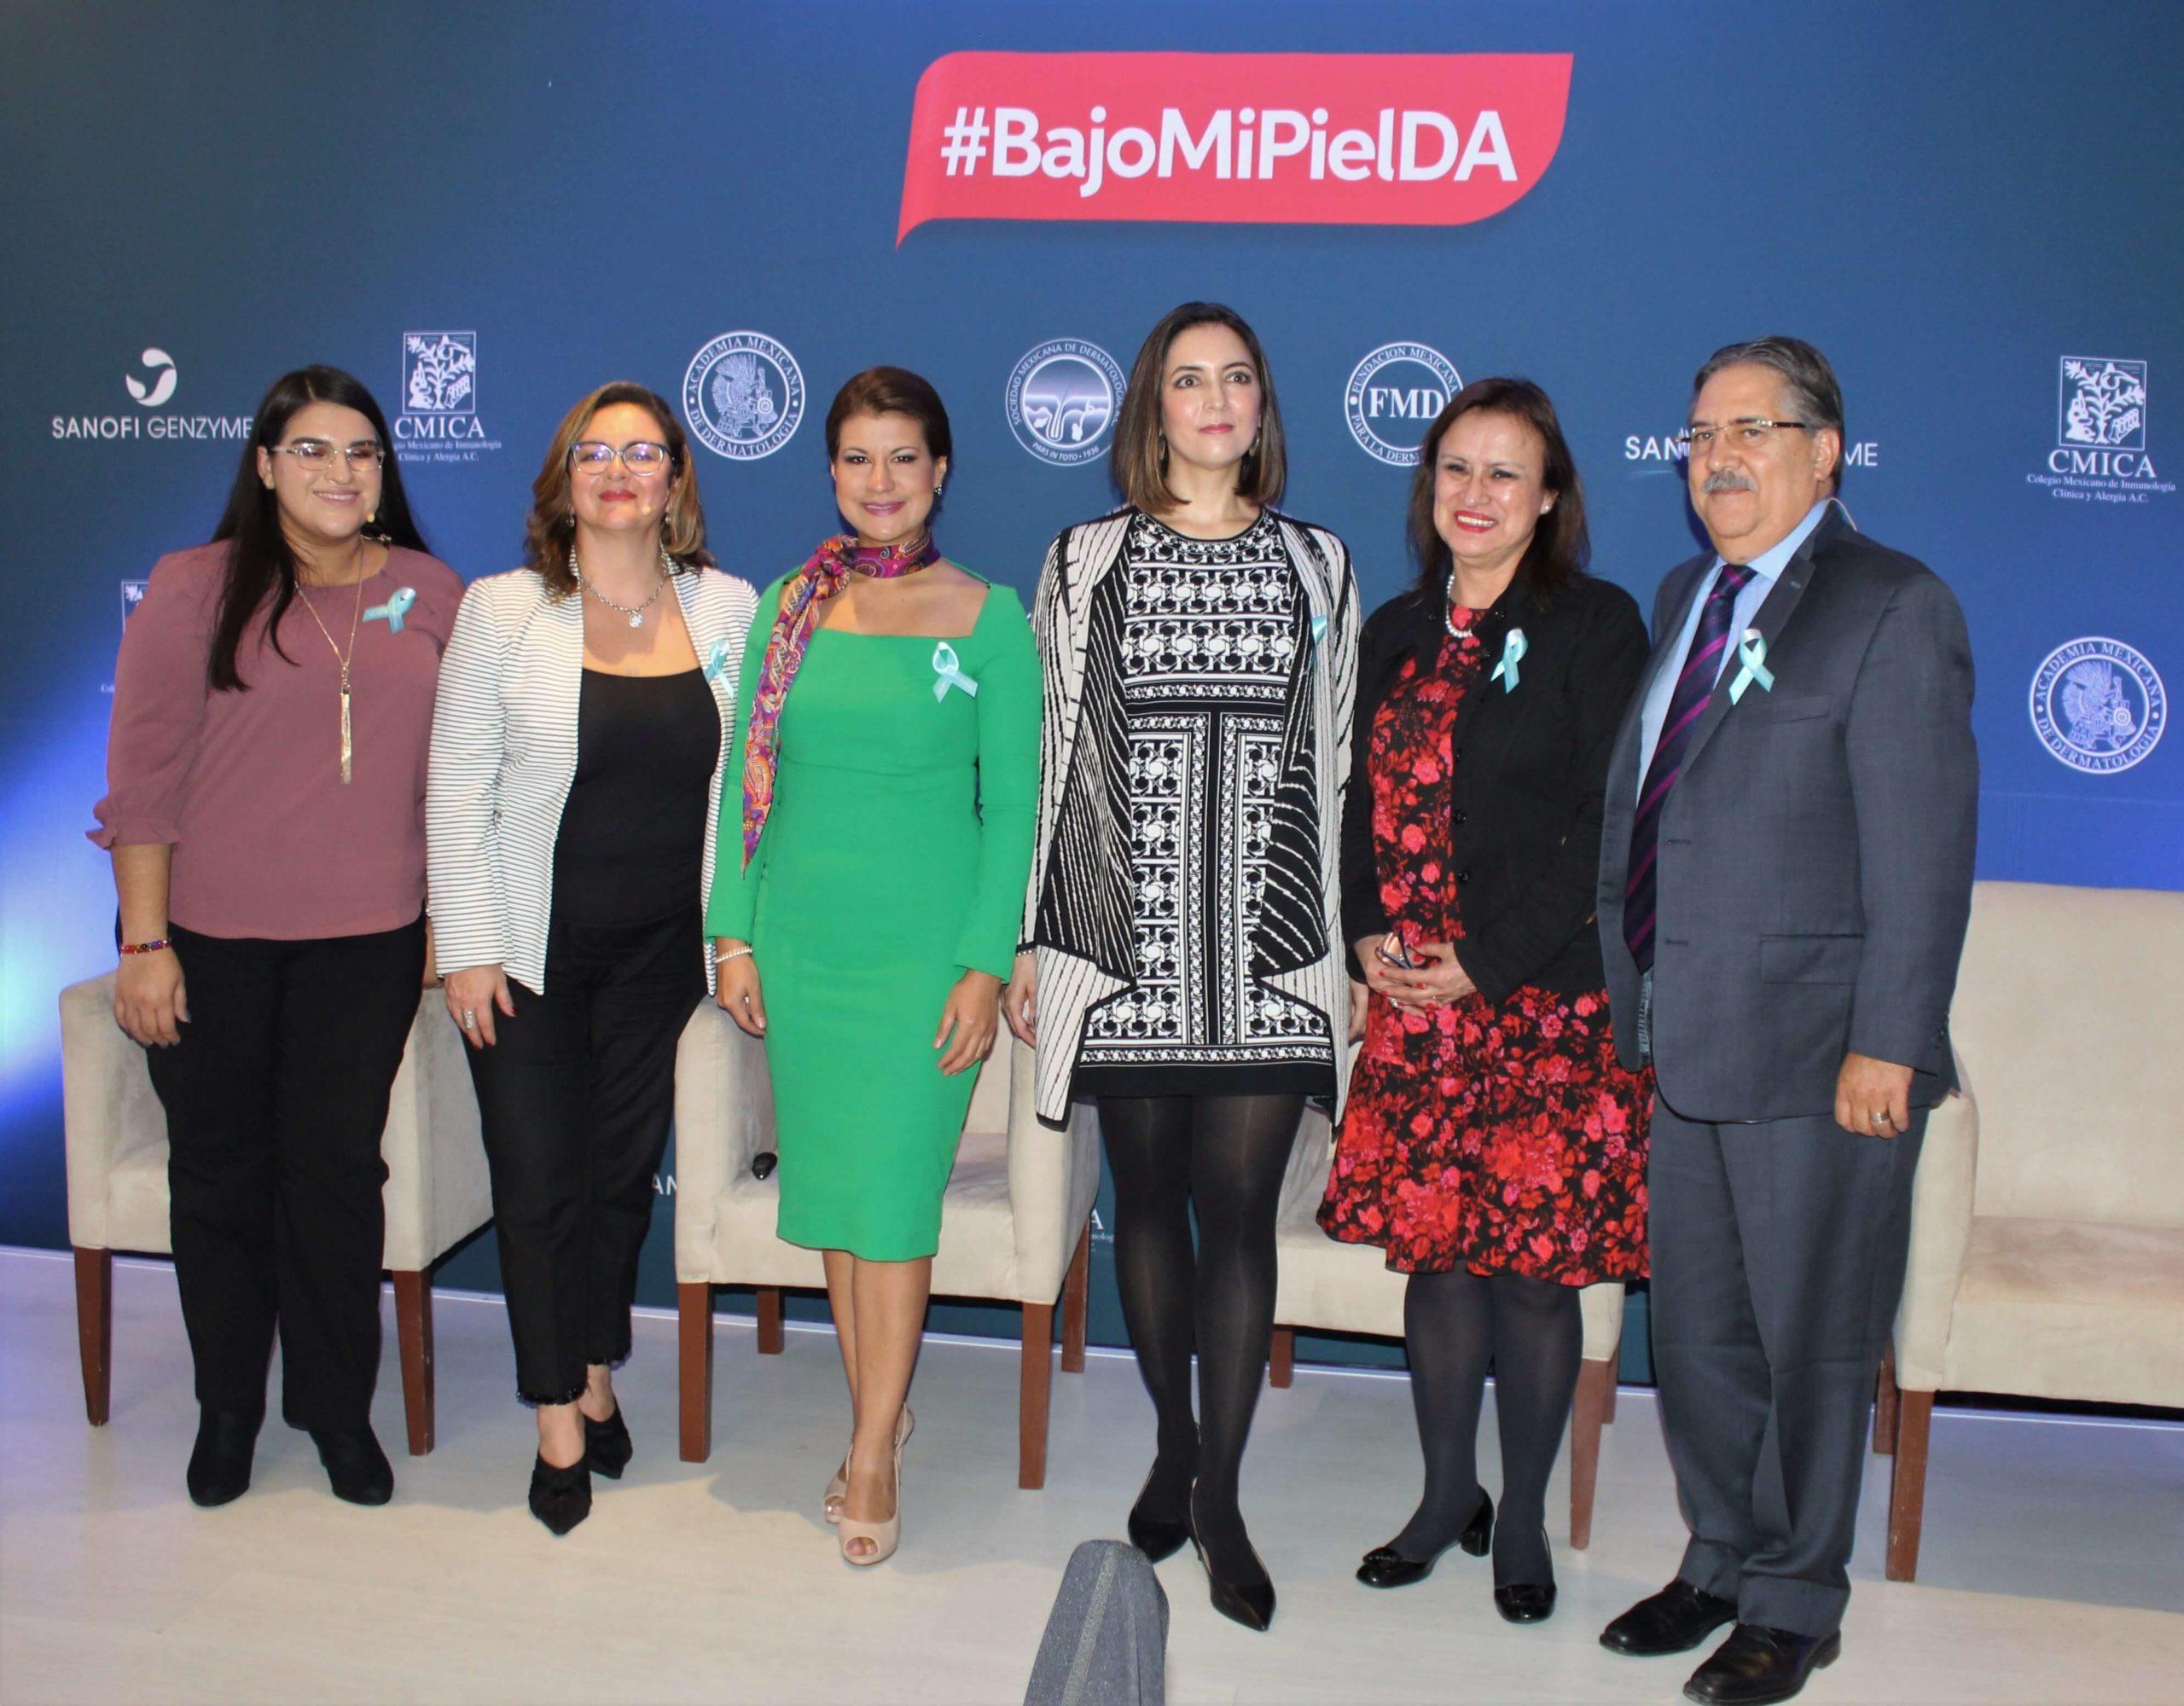 Expertos promueven el Día de la Dermatitis Atópica para dar visibilidad al impacto que tiene la enfermedad en los pacientes